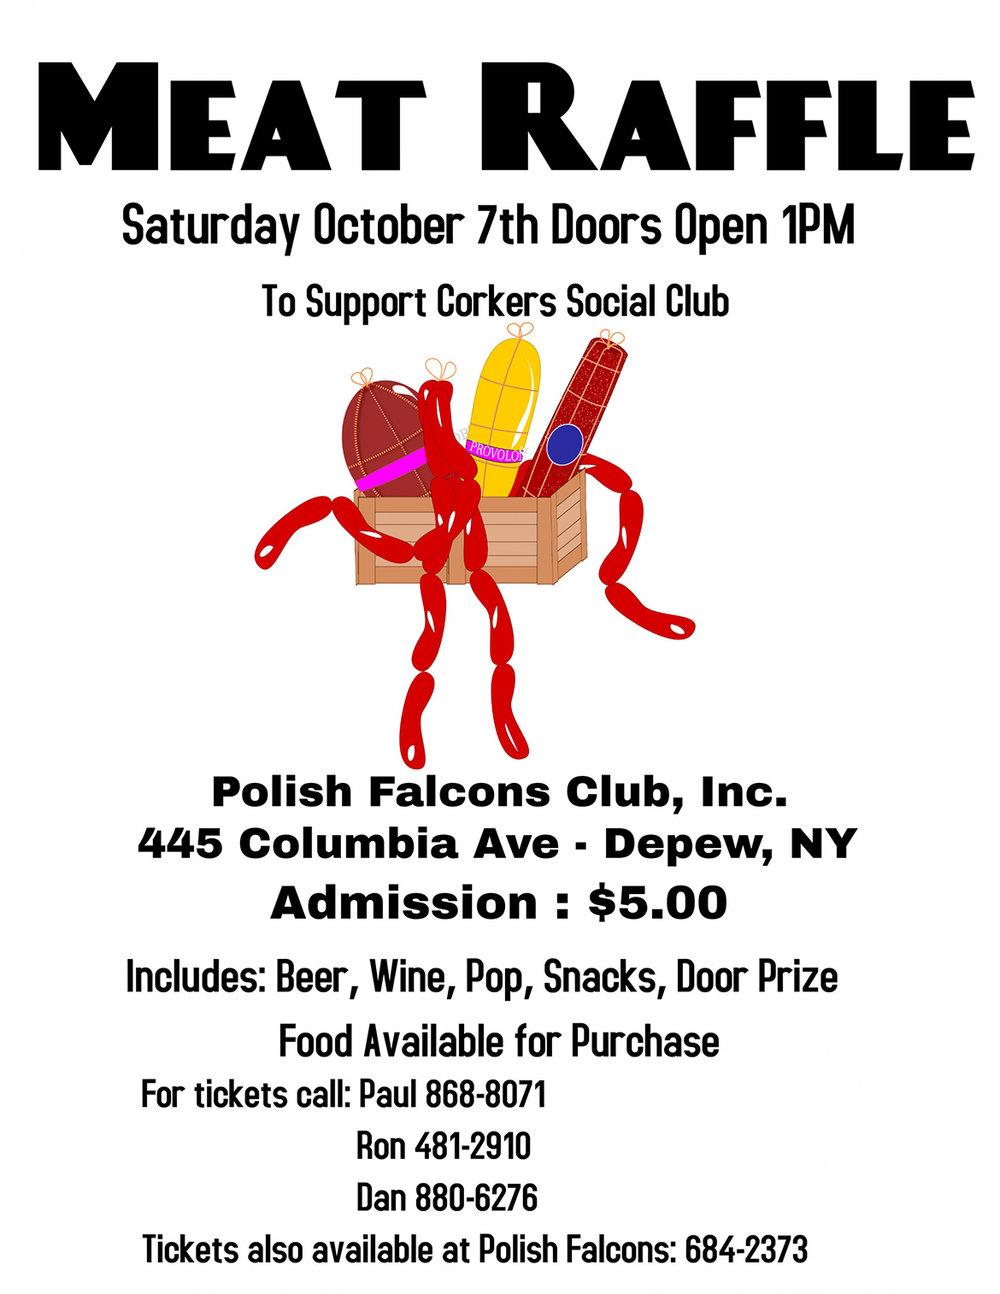 Meat Raffle Flyer3.jpg